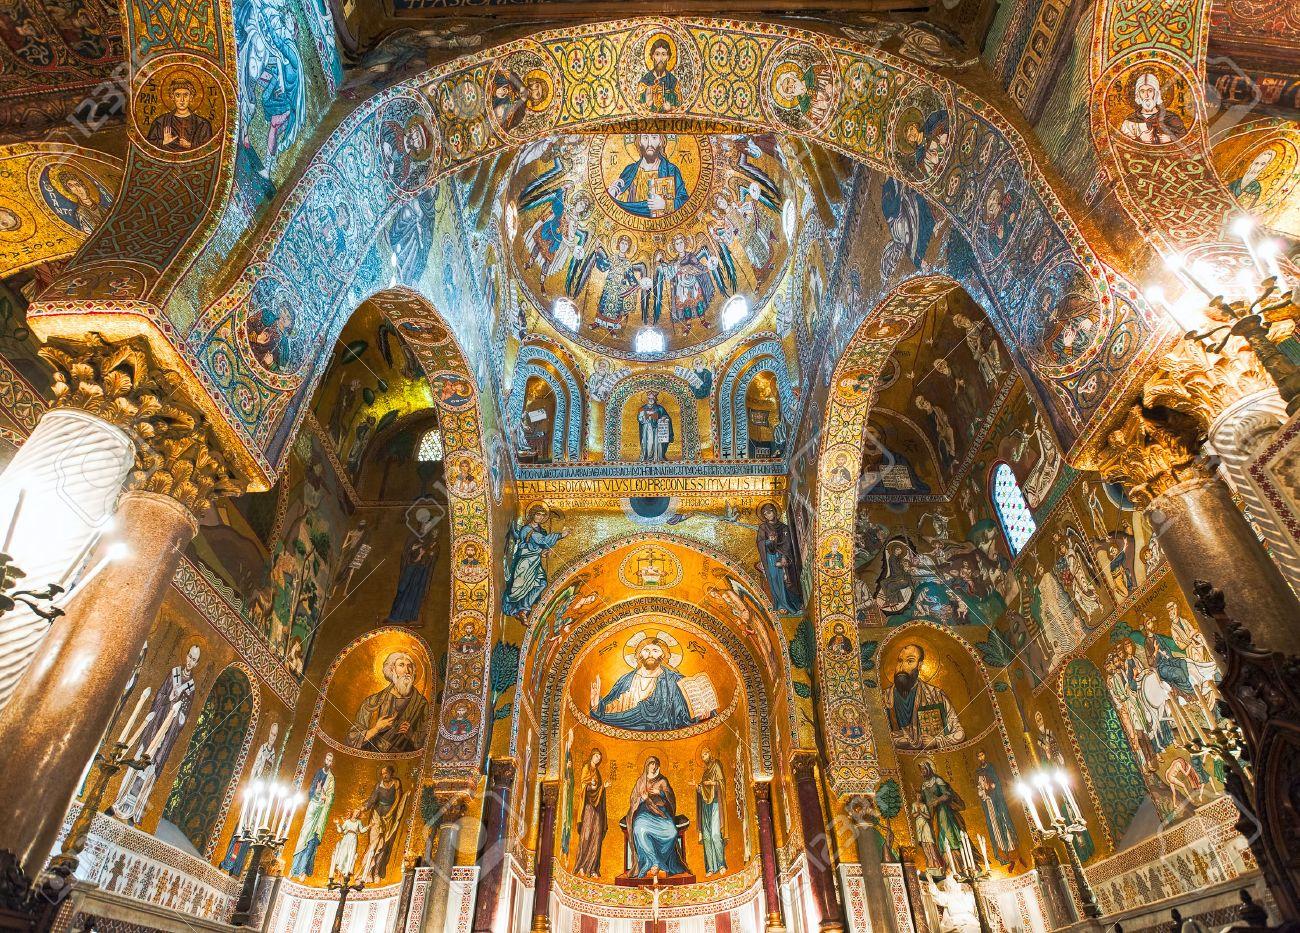 Golden mosaics in La Martorana catholic church in Palermo, Italy - 59322510